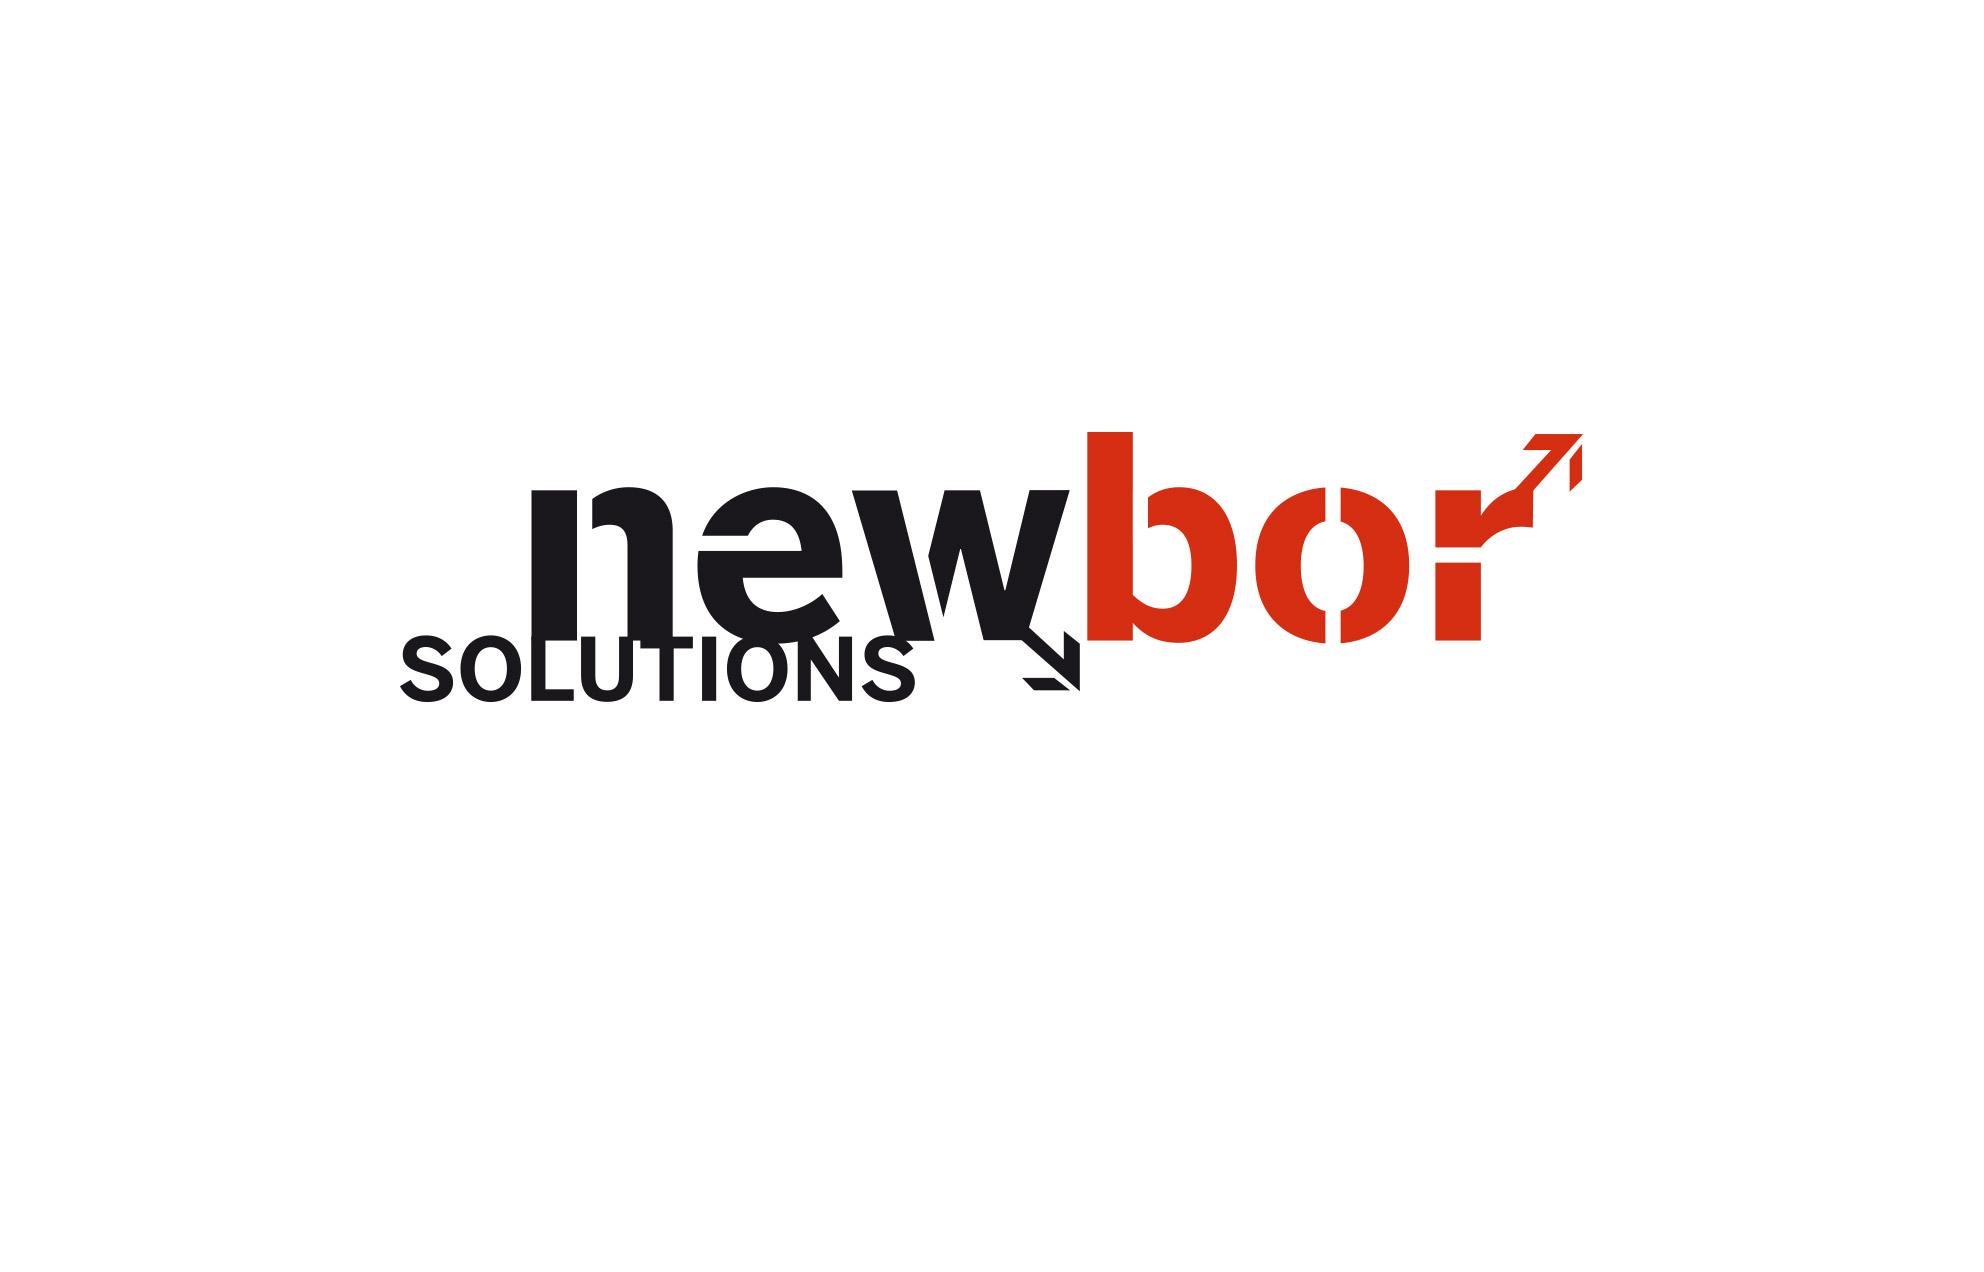 new_bor_solutions-imagen_corporativa-producto